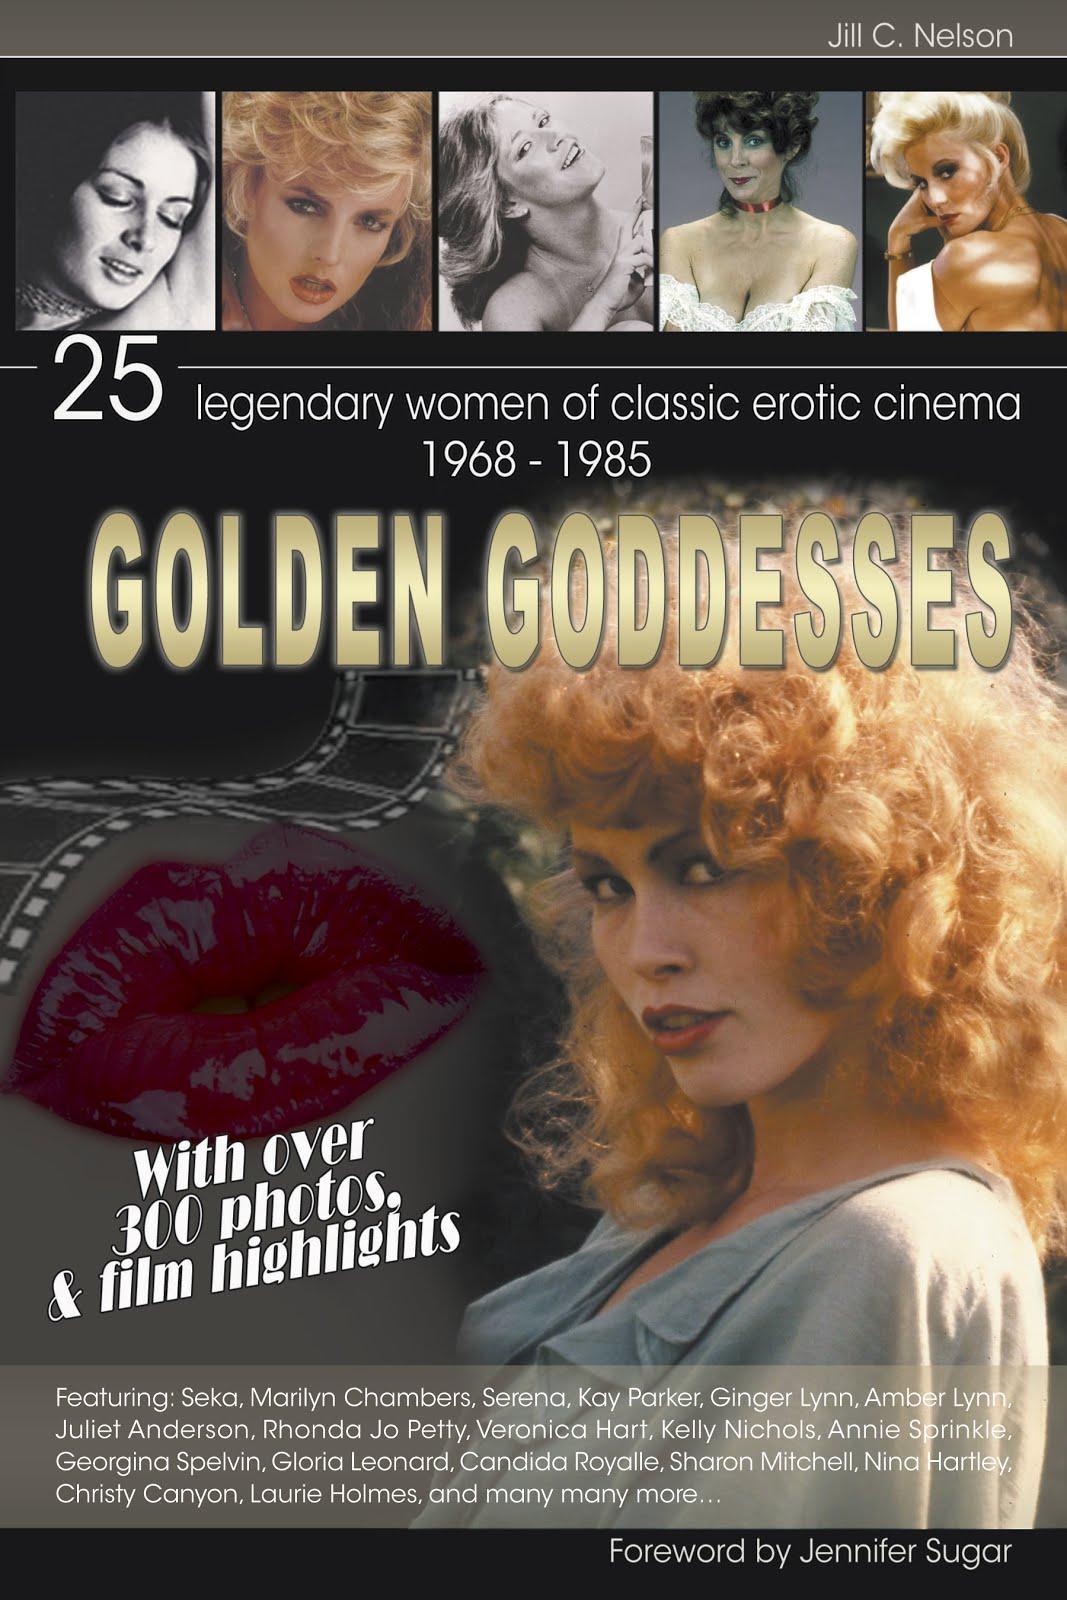 http://1.bp.blogspot.com/-X5exVOY9wMI/UHs6Mg71hHI/AAAAAAAAAoA/vdNc3l6JX28/s1600/GoldenGoddessesFront.jpg